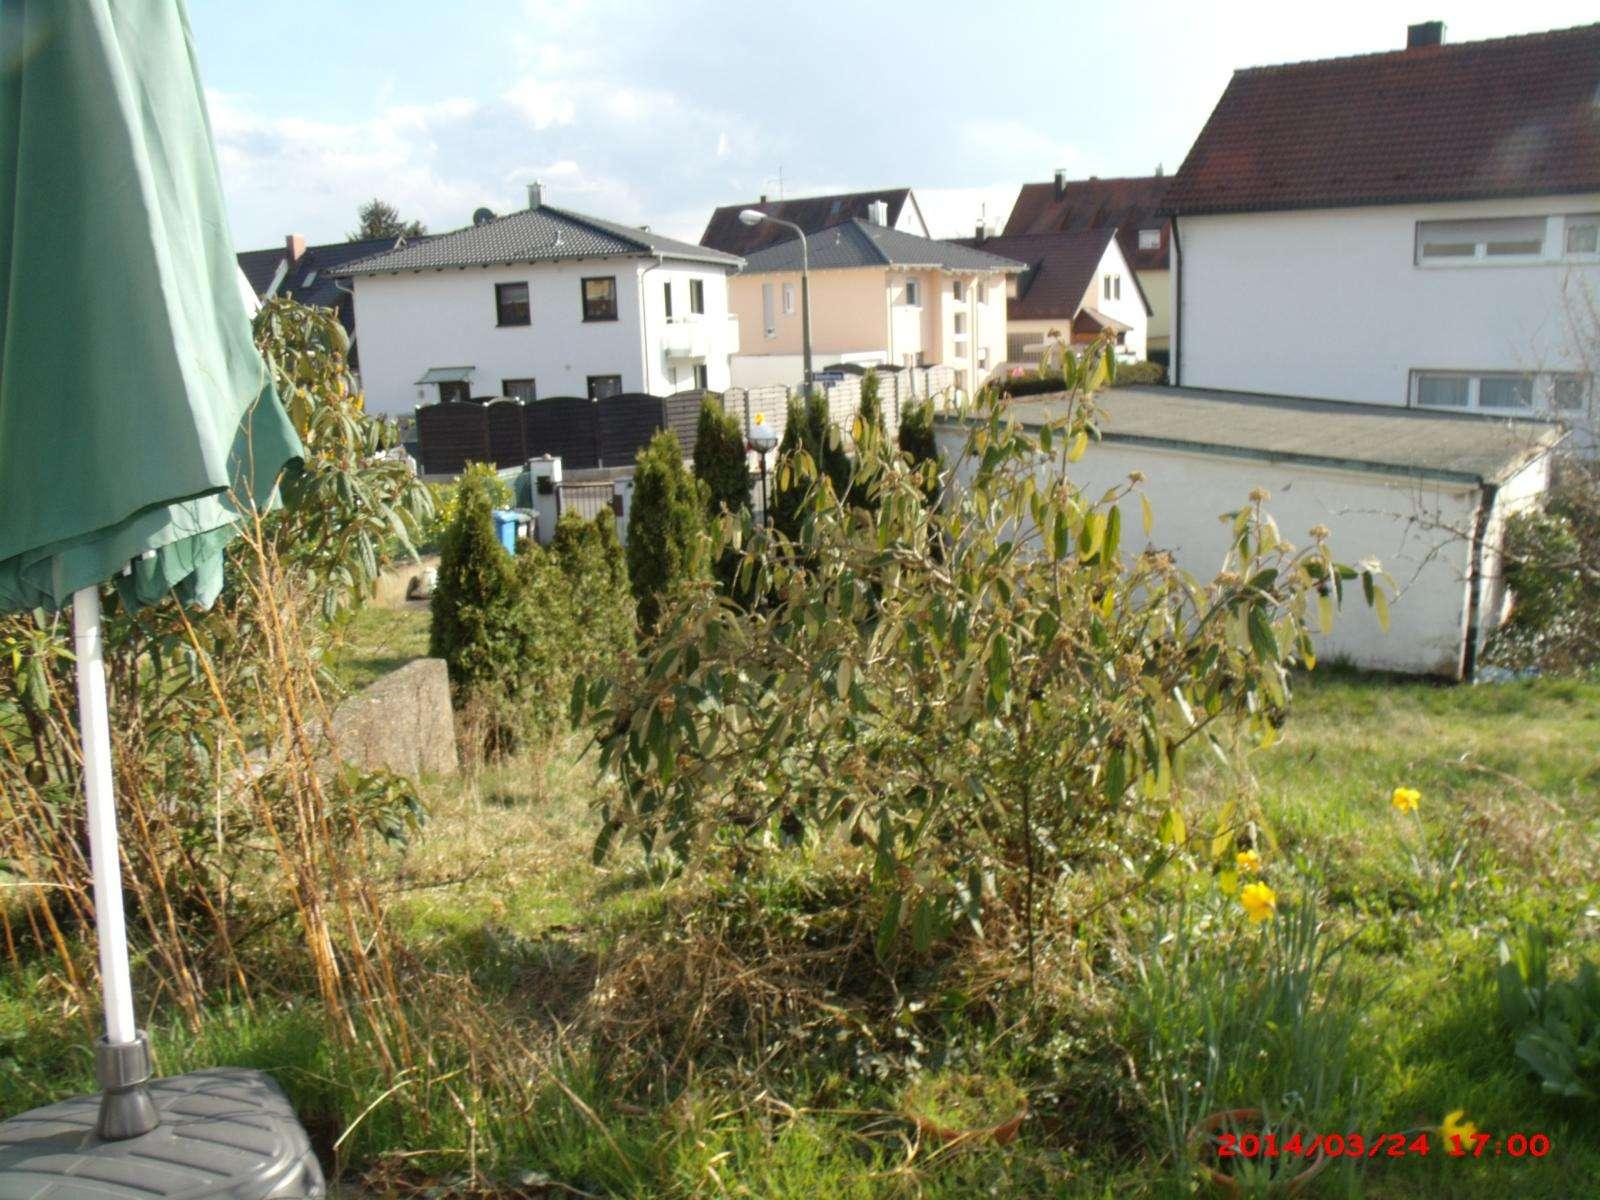 4-ZimmerWohnung mit Terrasse in Nürnberg - sehr ruhige, gefragte Wohnlage; großer Garten in